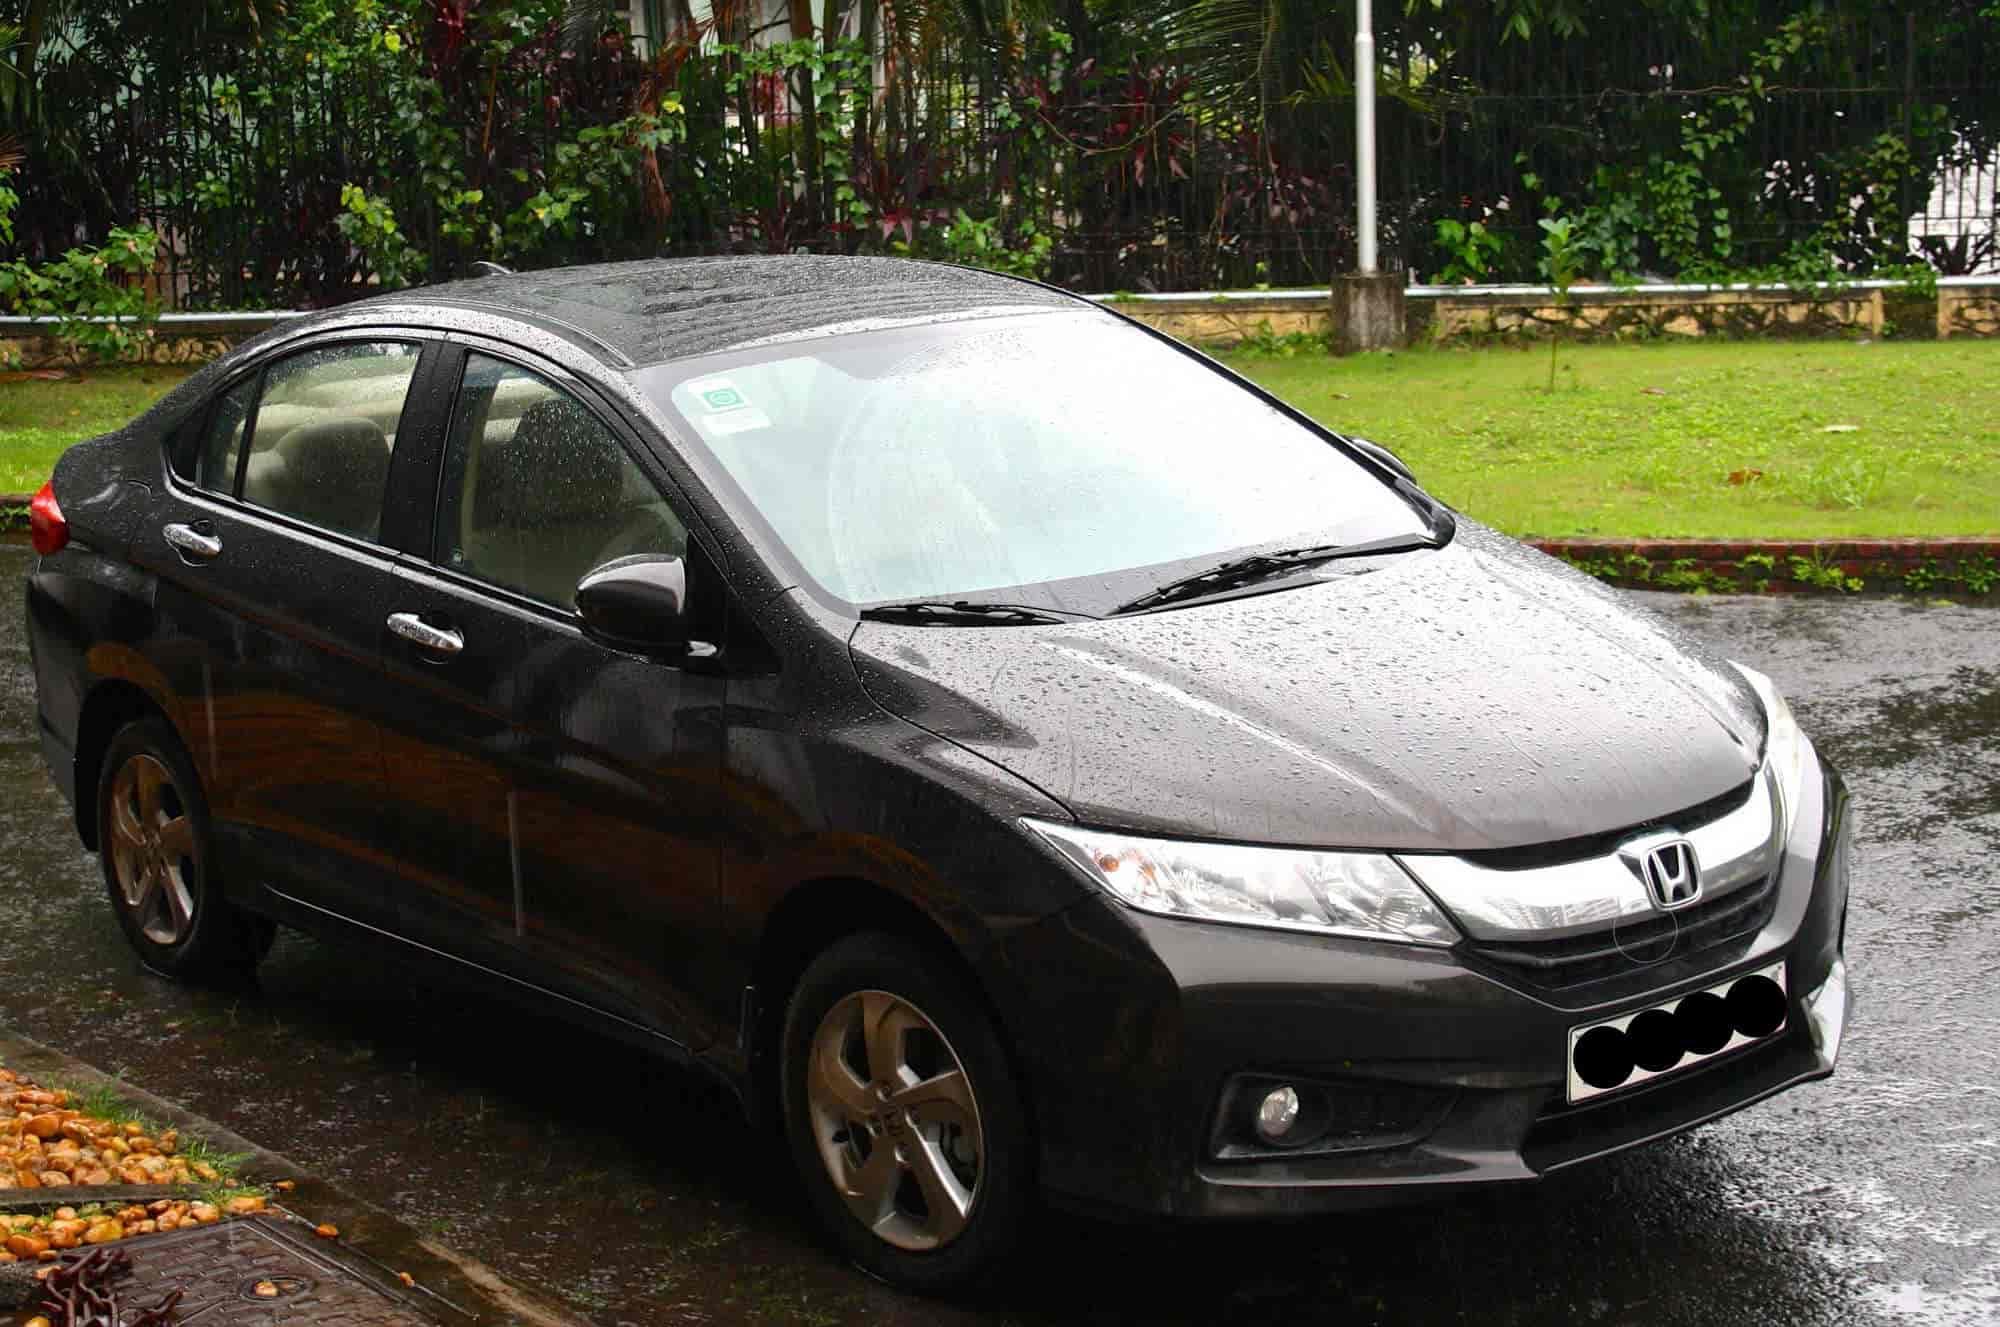 Blackda Self Drive Car Rental Kothrud Car Rental In Pune Justdial